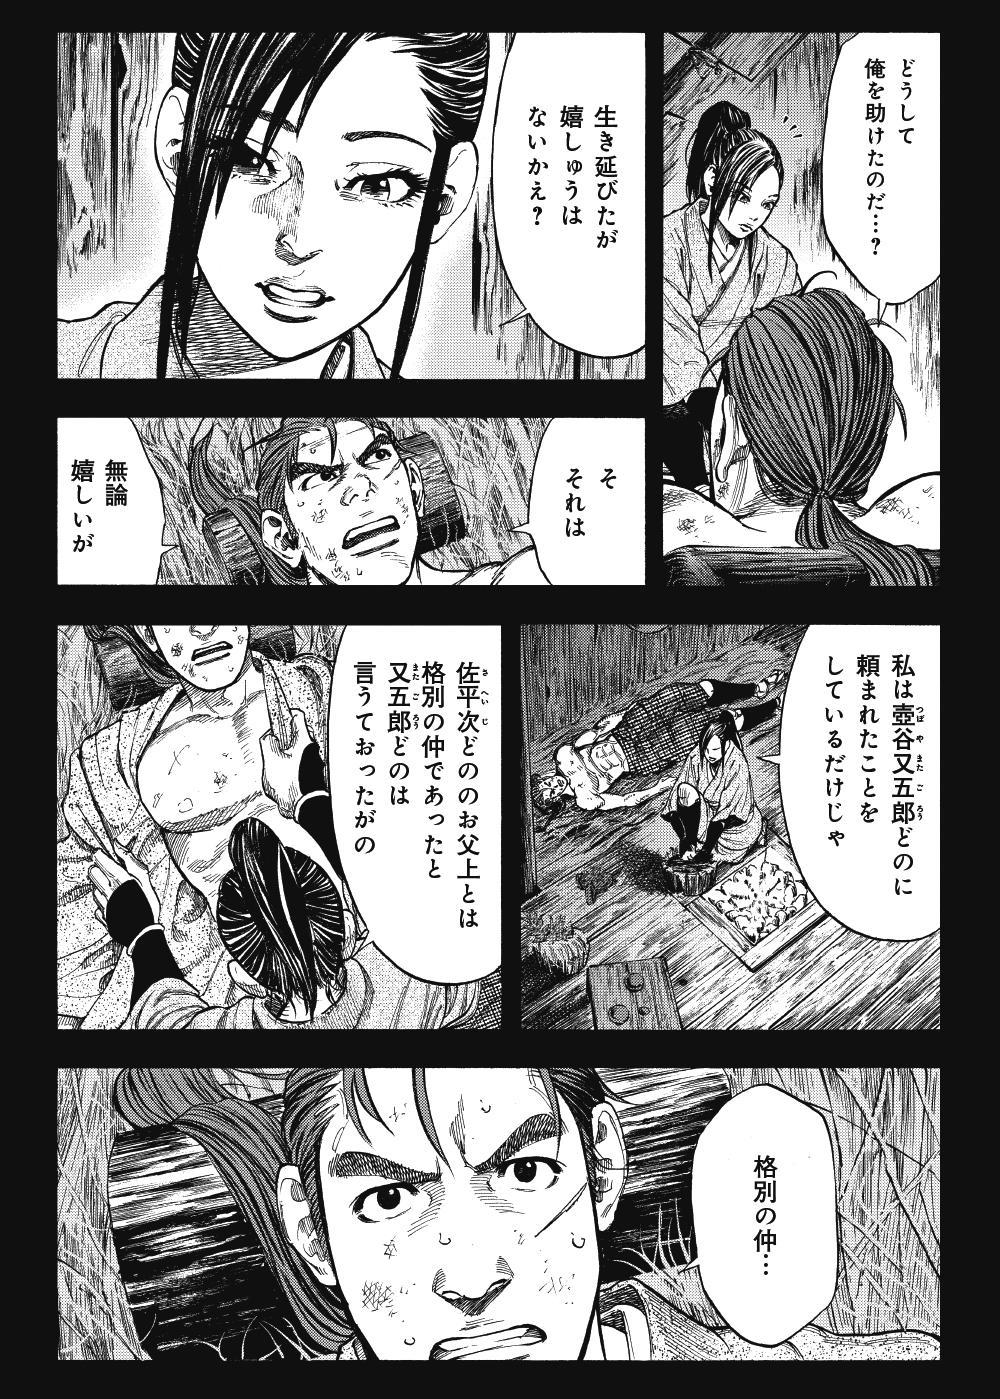 真田太平記 第6話「忍び小屋」①sanada11-04.jpg